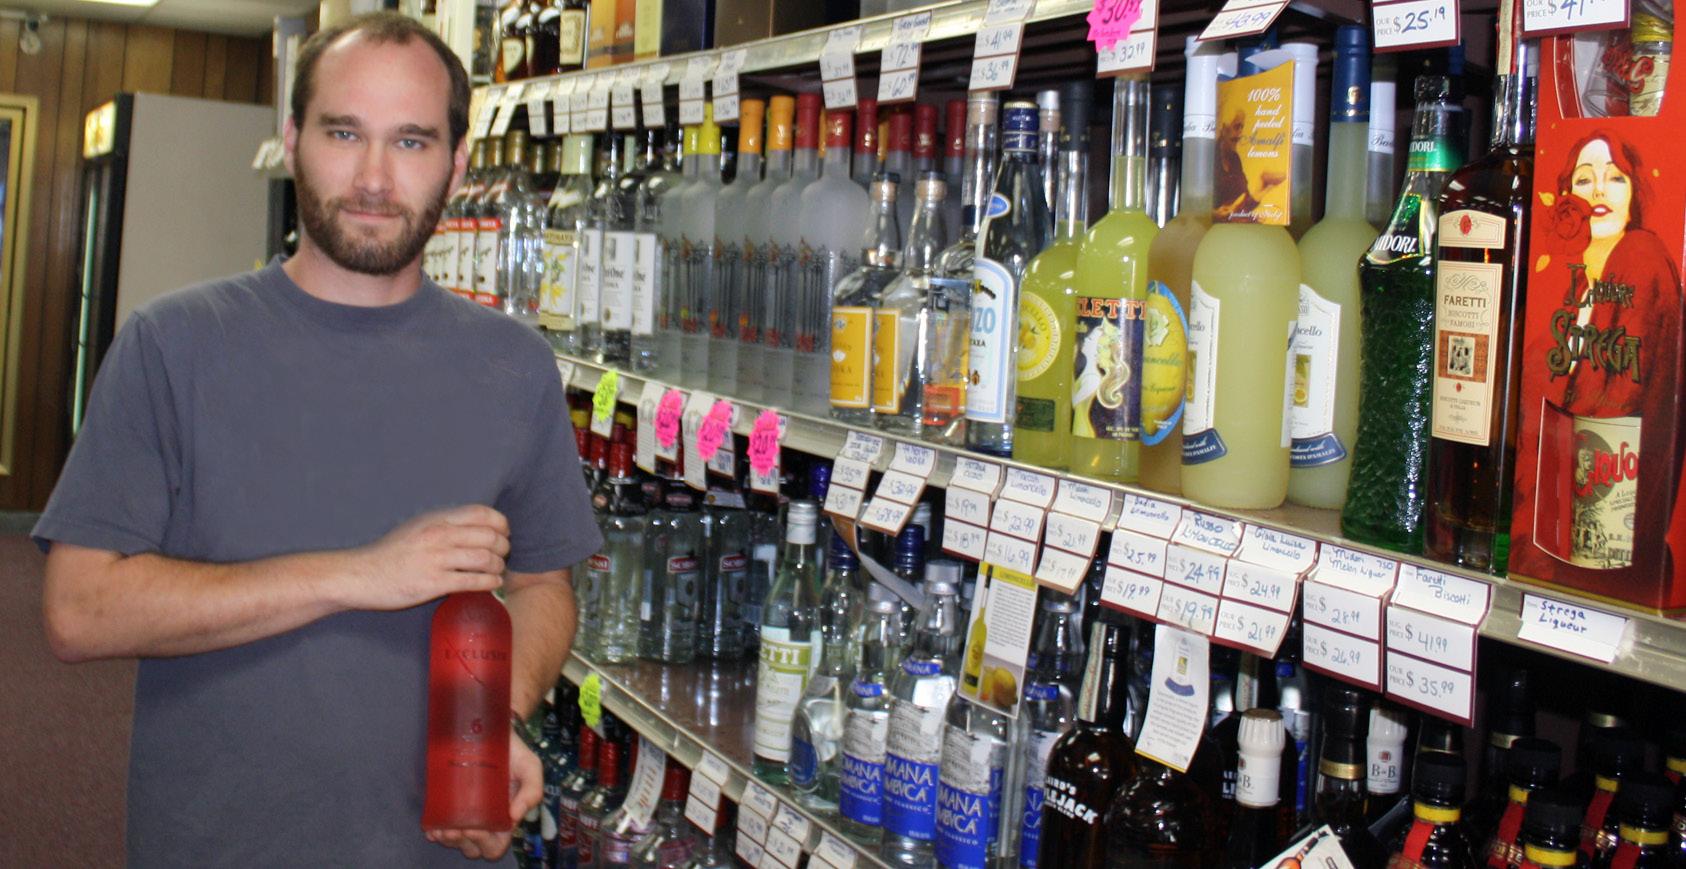 AROUND TOWN: Discount Wine & Spirits Shows Off Exclusiv Rosé